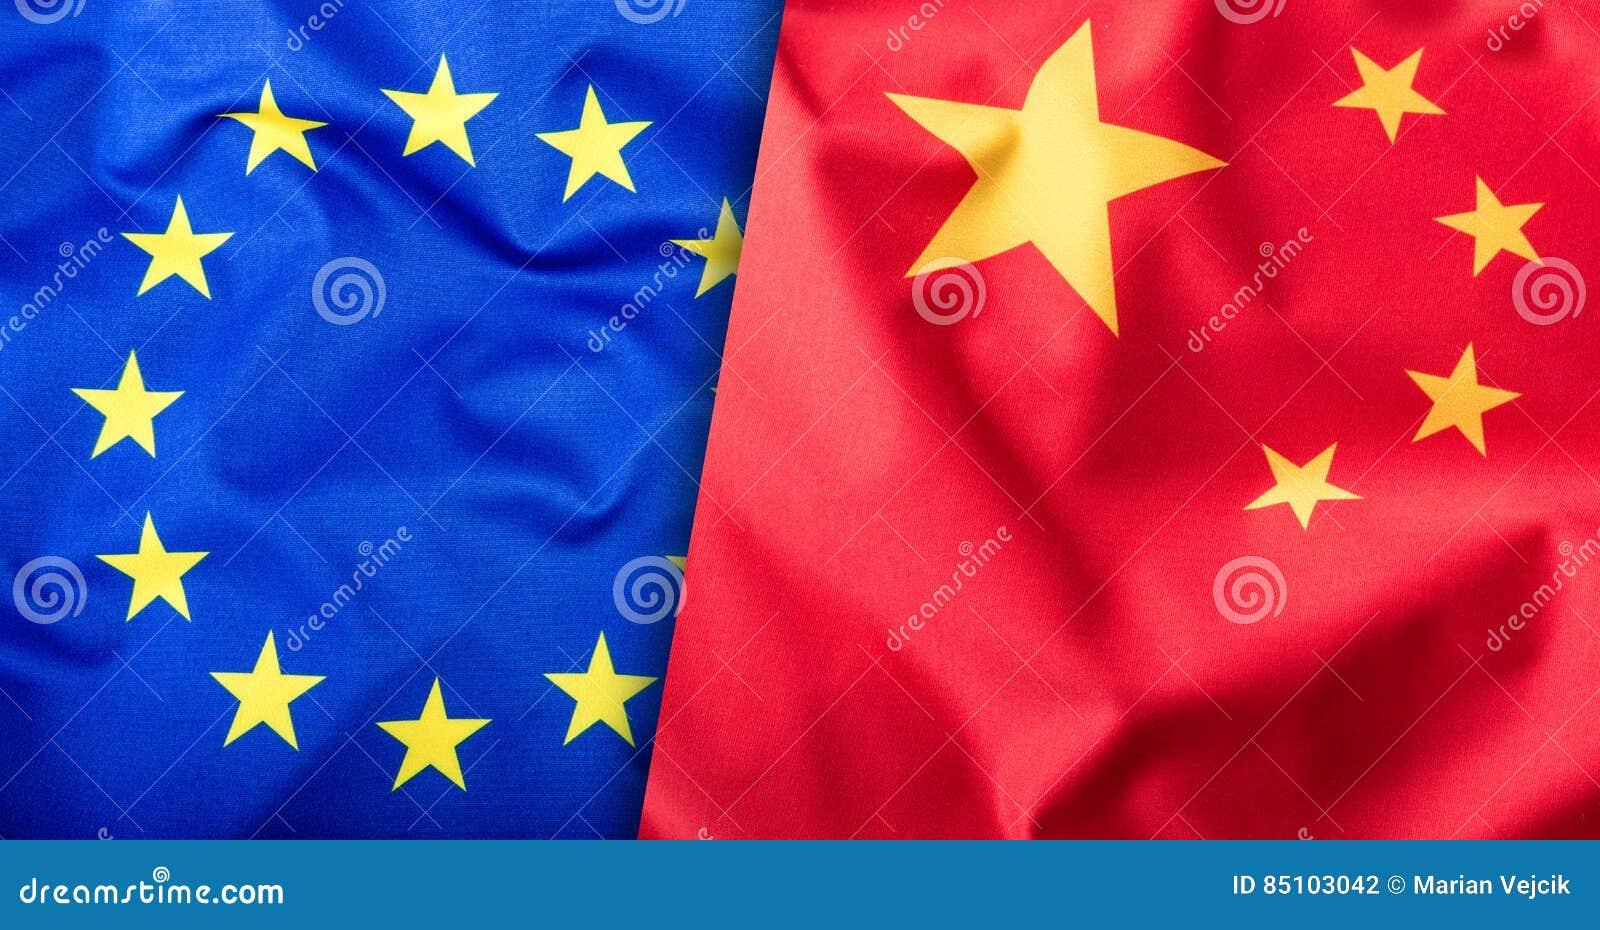 Banderas de la China y de la unión europea Bandera de China y bandera de la UE Estrellas del interior de la bandera Concepto de l